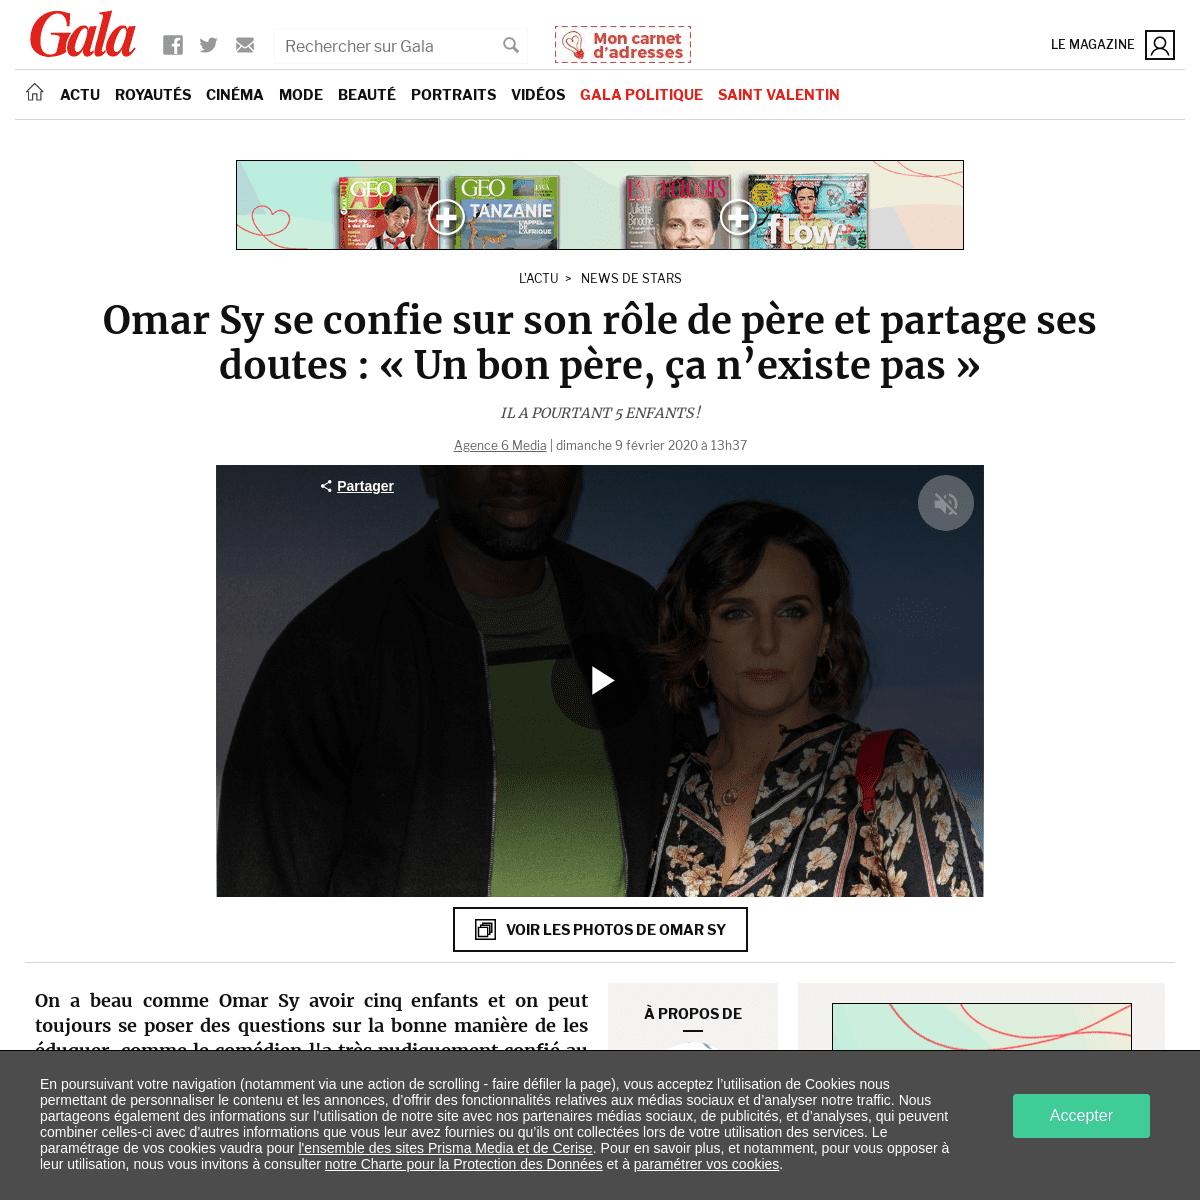 Omar Sy se confie sur son rôle de père et partage ses doutes- «Un bon père, ça n'existe pas» - Gala